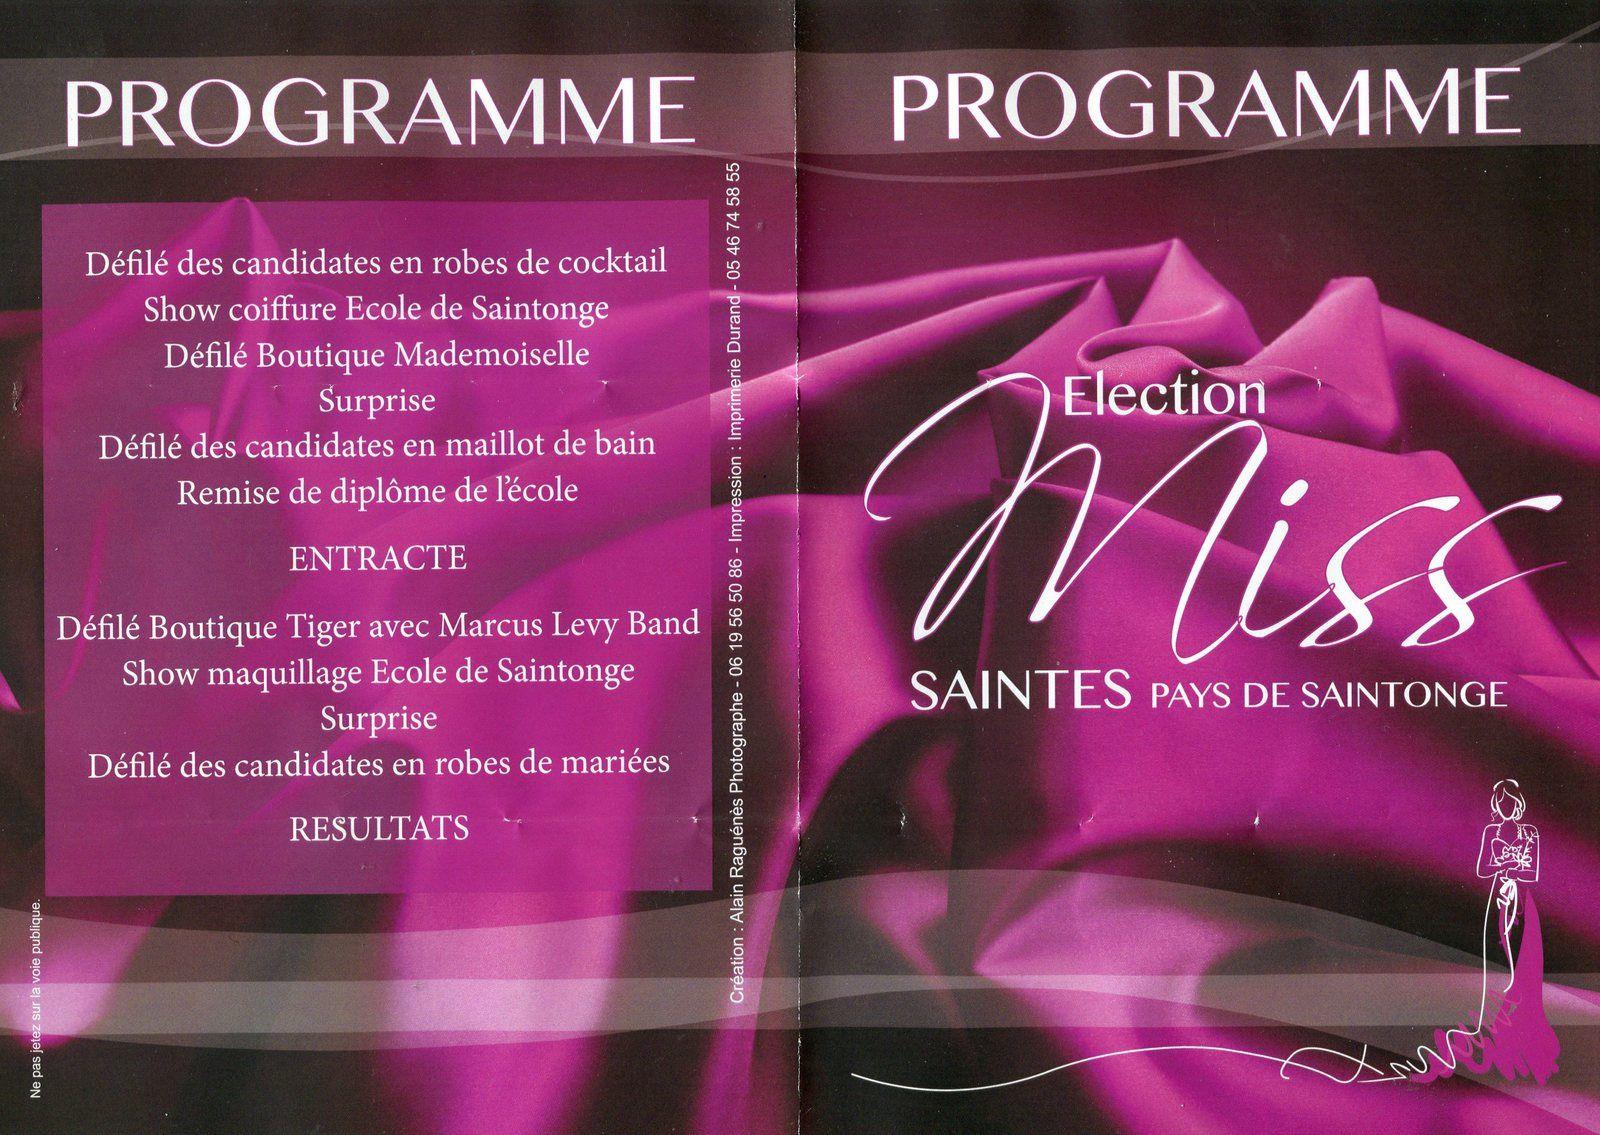 """19 - Handicap... La semaine - Une """" Miss Saintes """".. ce sera votre choix... - Un DON presque pour les autres.... - Pont en question - Conseil municipal .. Aperçu"""